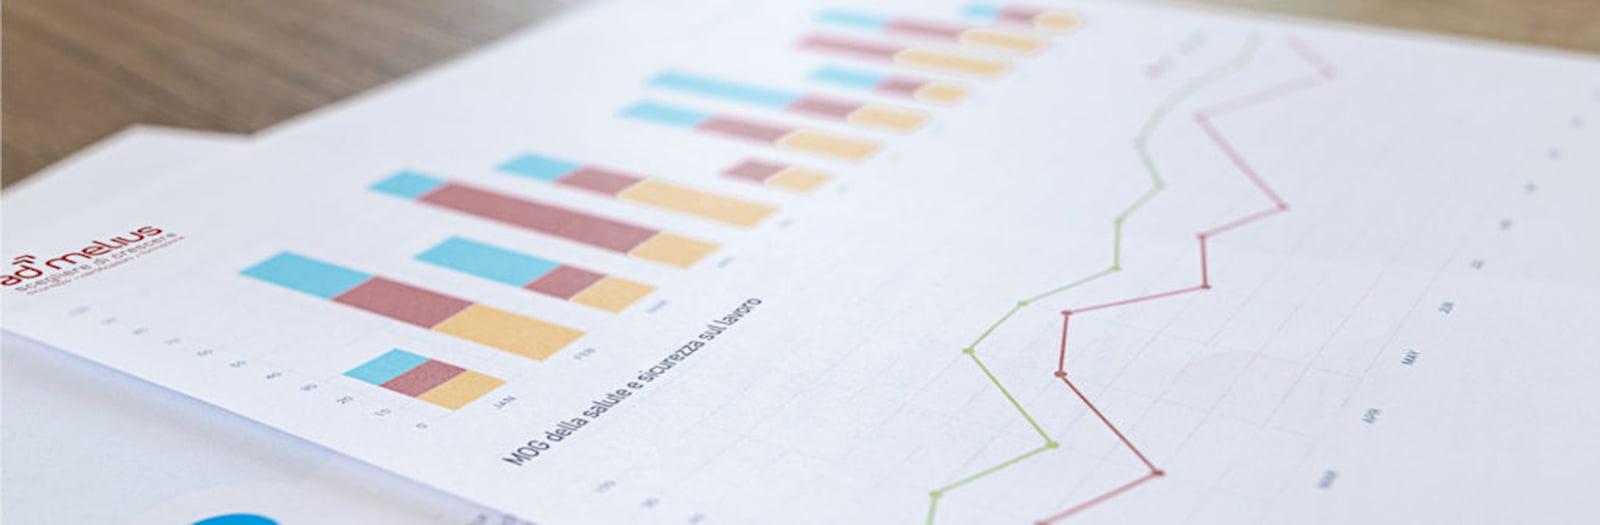 foglio rappresentante il MOG modello organizzativo gestionale